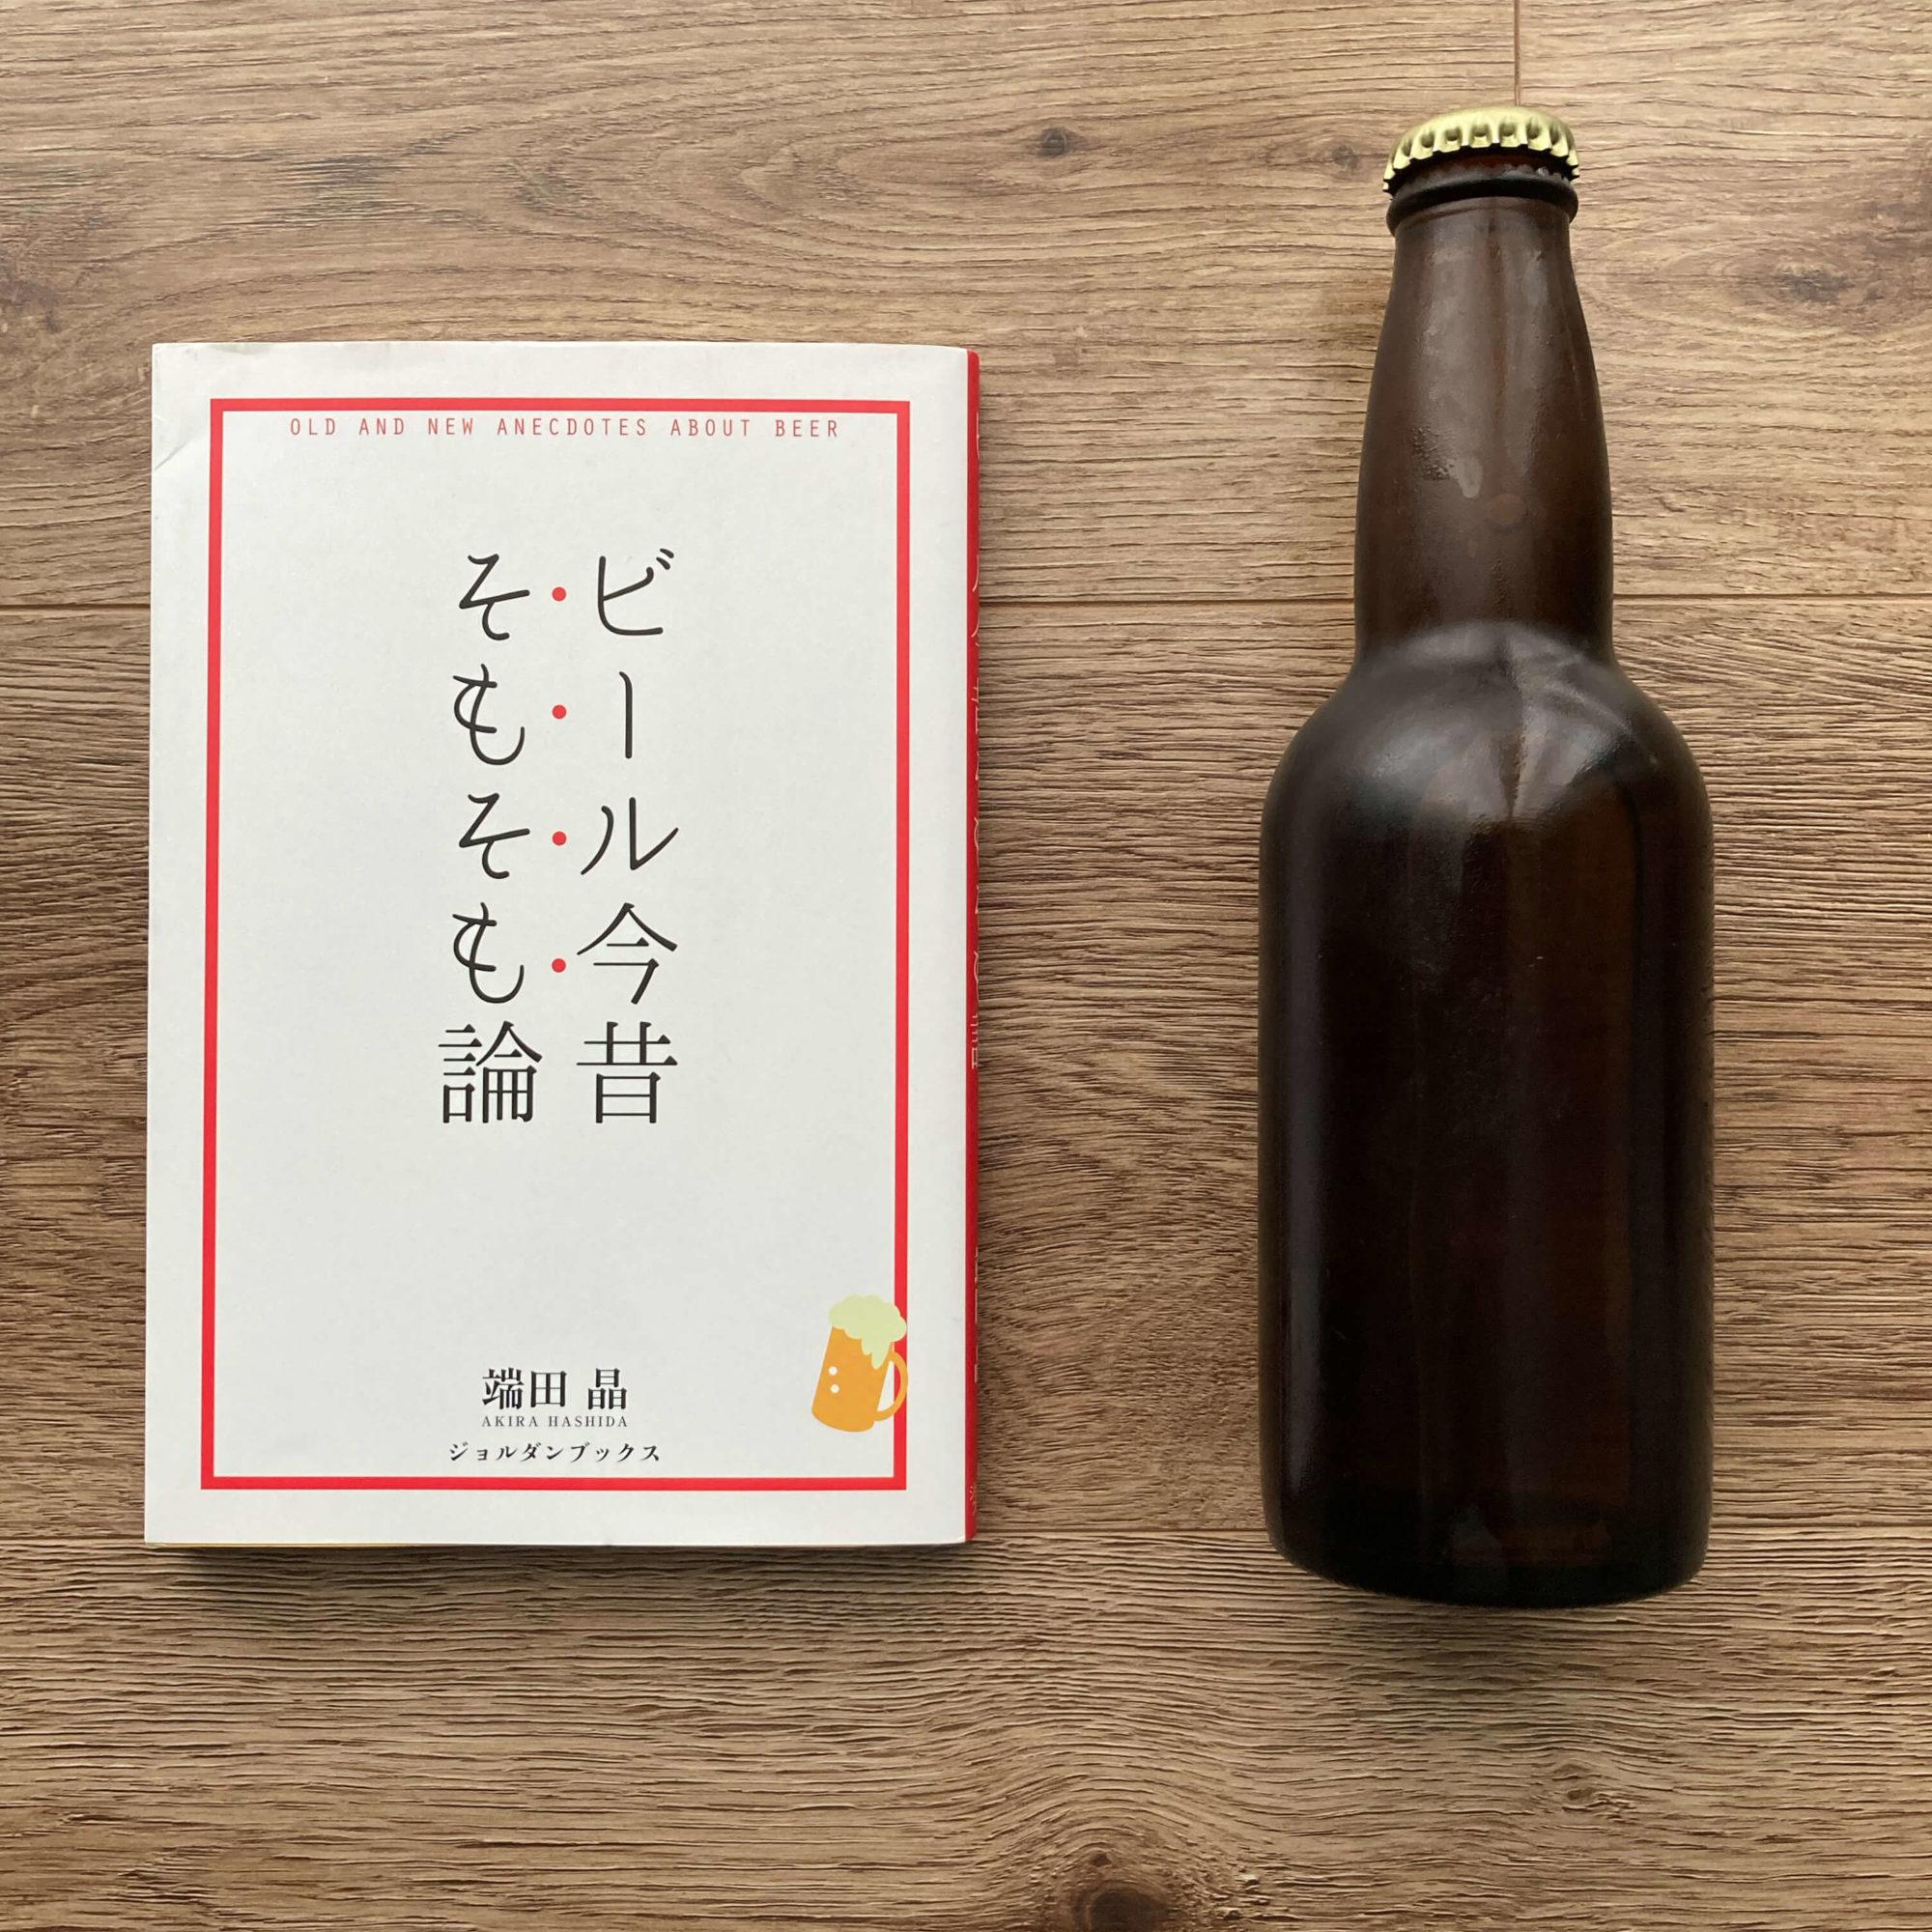 ビール今昔 そもそも論という書籍の写真